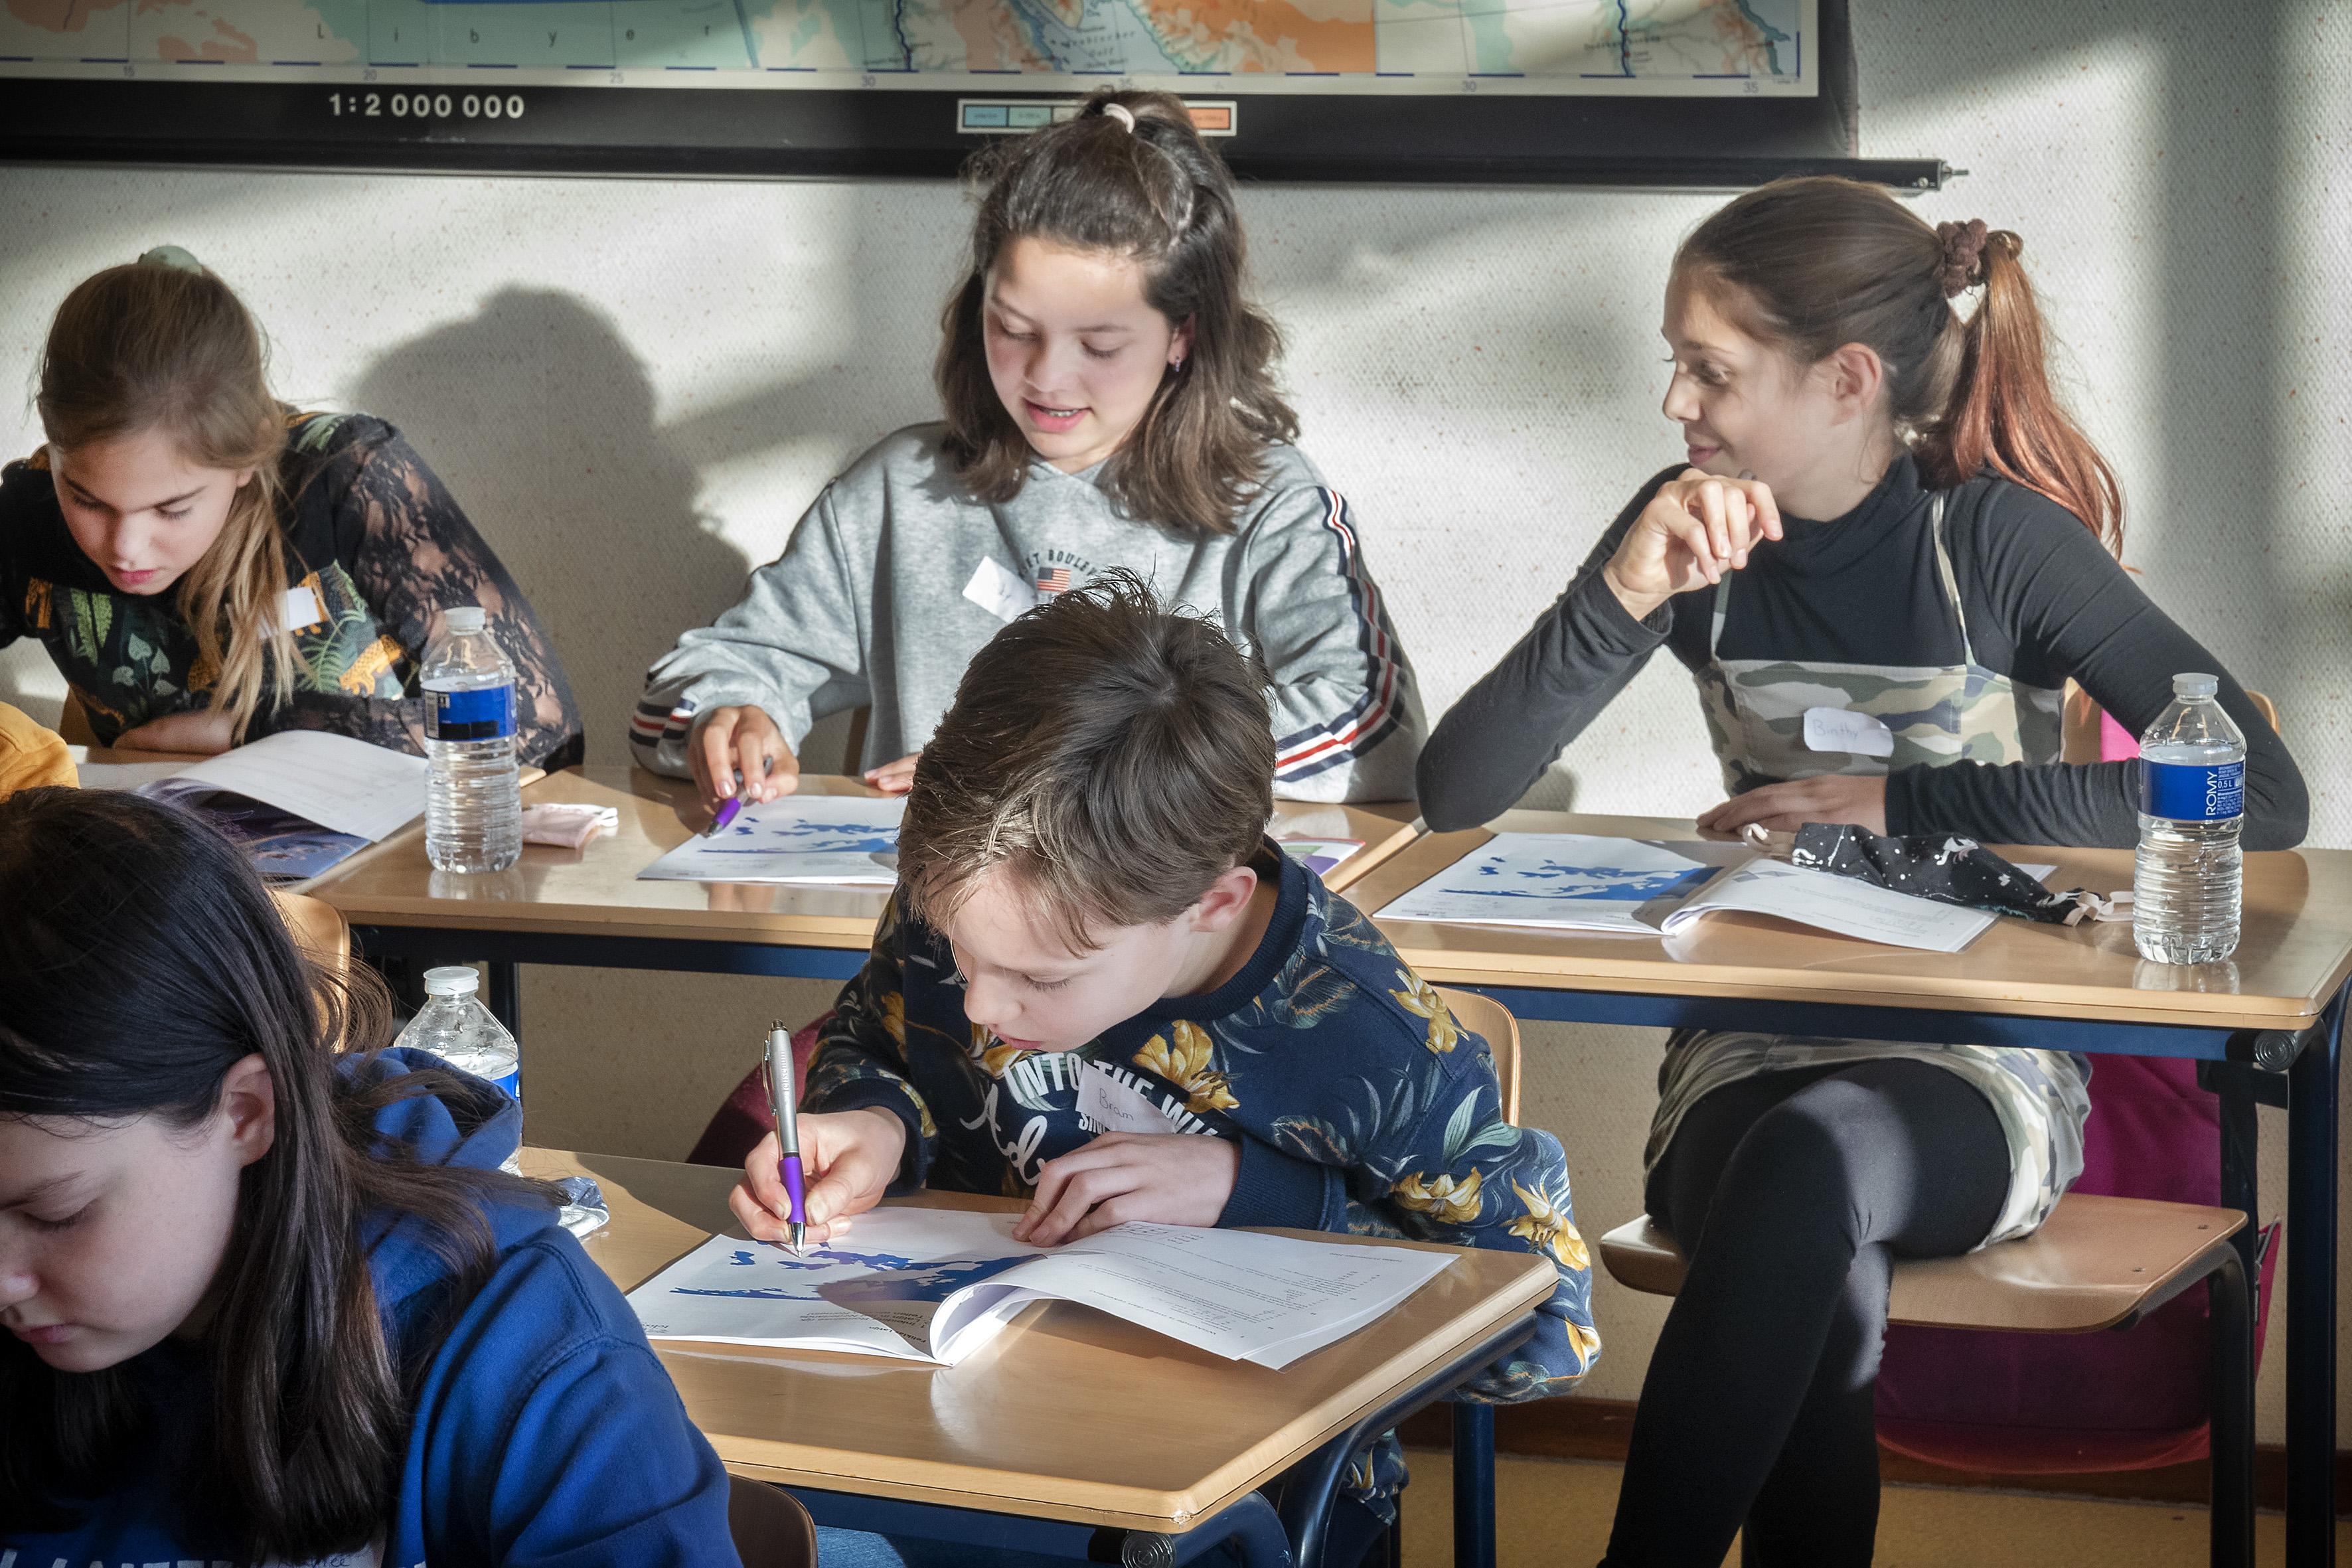 Groep 8 leerlingen volgen lessen op het Gymnasium Felisenum in Velsen-Zuid: 'Mijn moeder zou dat een oh ja som noemen'